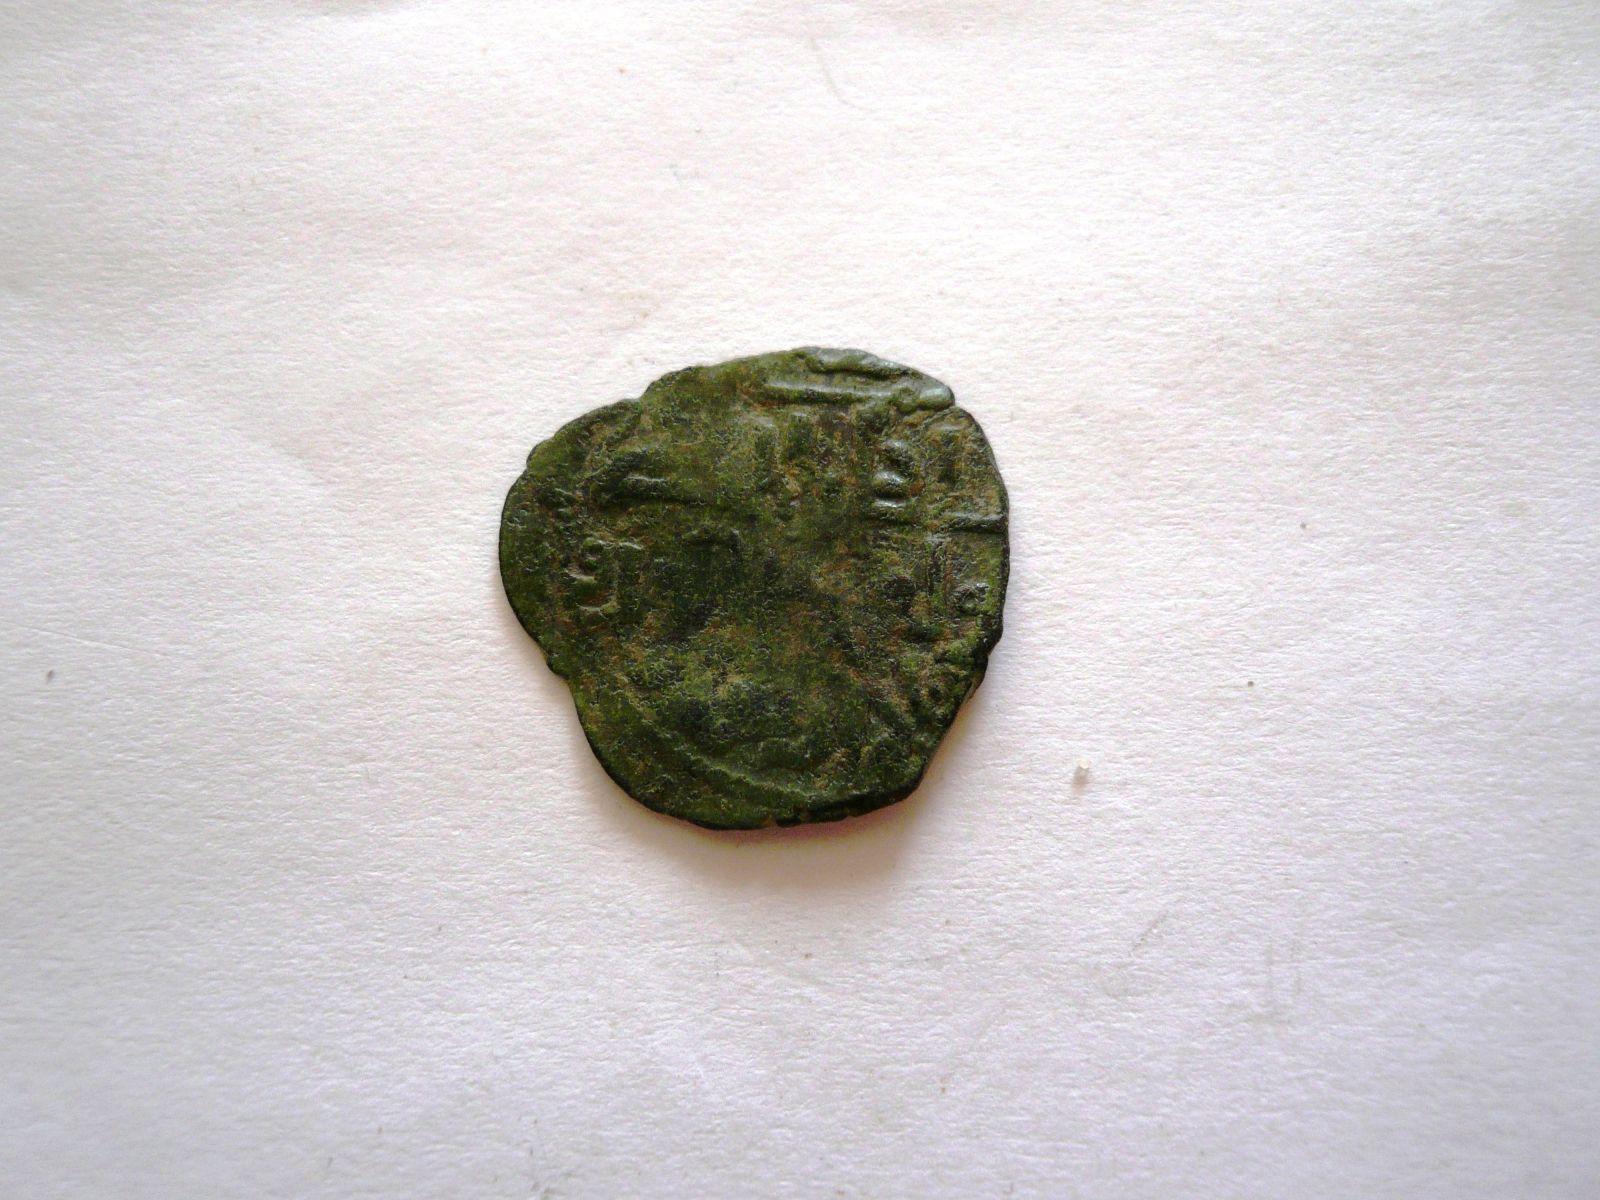 Cu 22 mm, jezdec na koni, Chusro I., 588-597 H, Saldžukovci